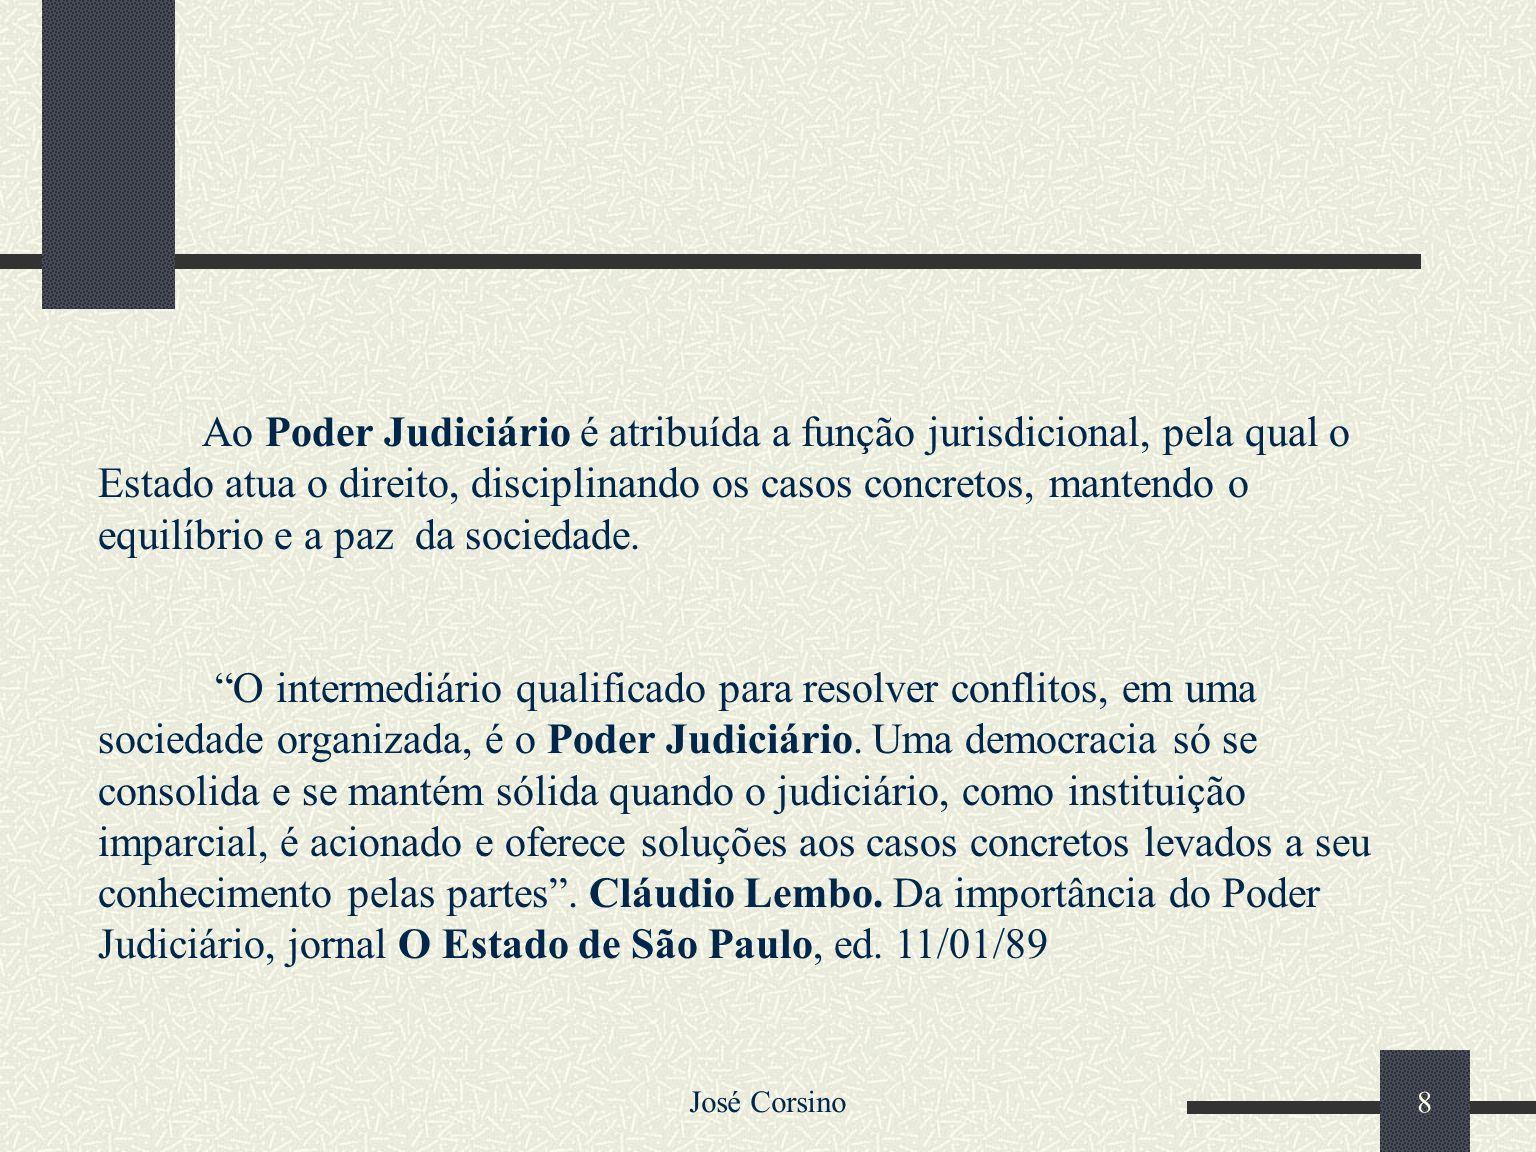 Ao Poder Judiciário é atribuída a função jurisdicional, pela qual o Estado atua o direito, disciplinando os casos concretos, mantendo o equilíbrio e a paz da sociedade.